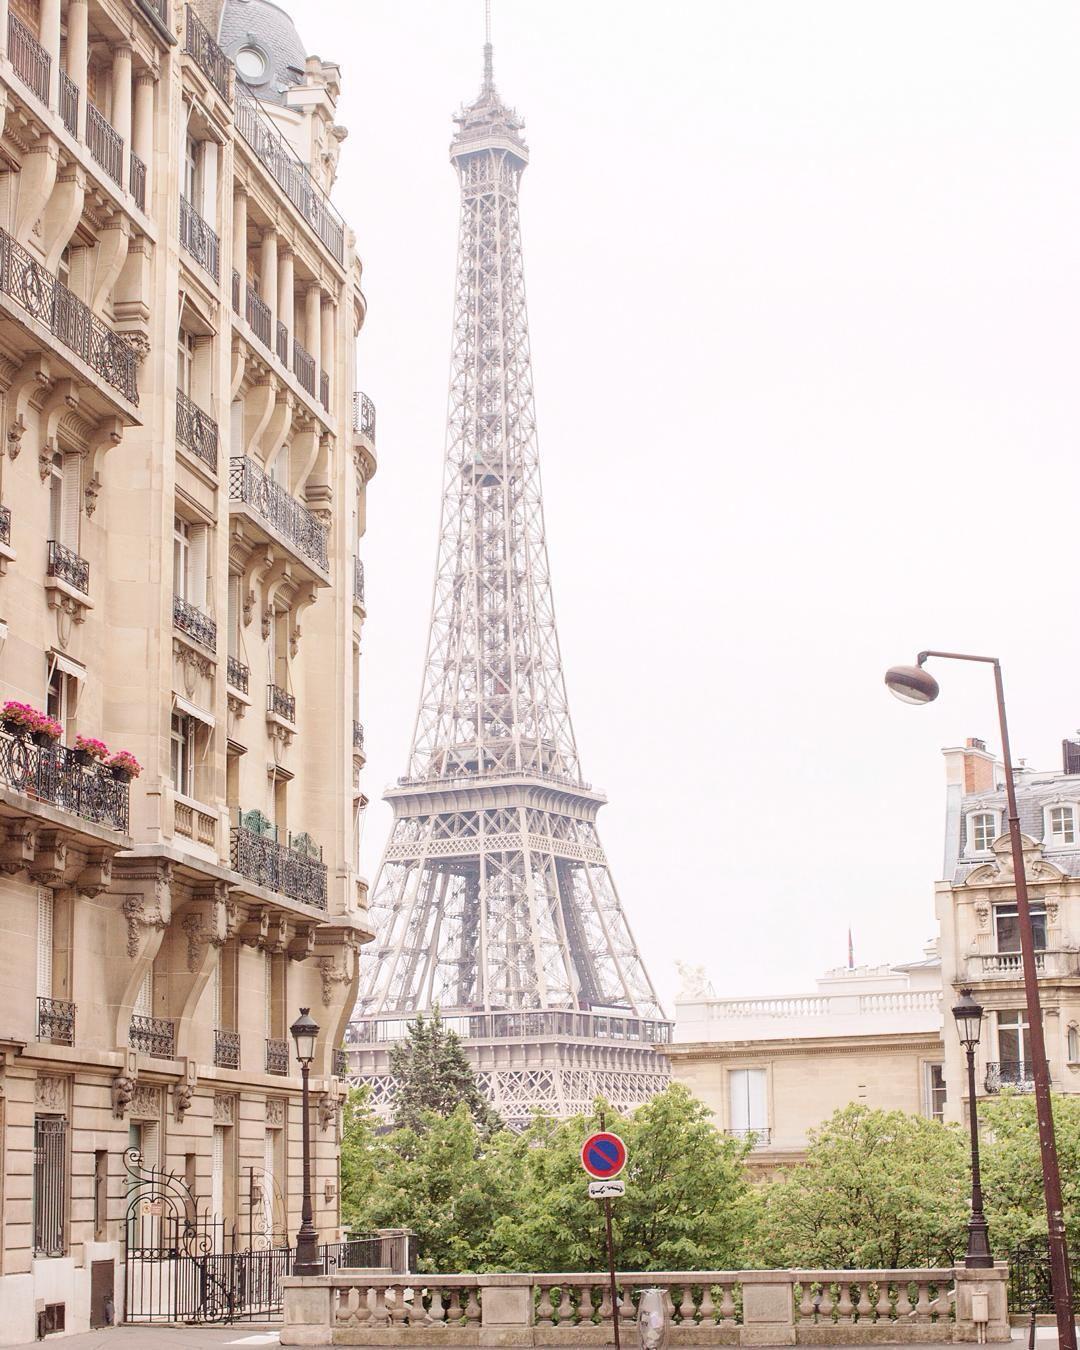 #paris #eiffeltower #architecture #french #art #photography #rebeccaplotnick #parisian #parisinthespring #parisview